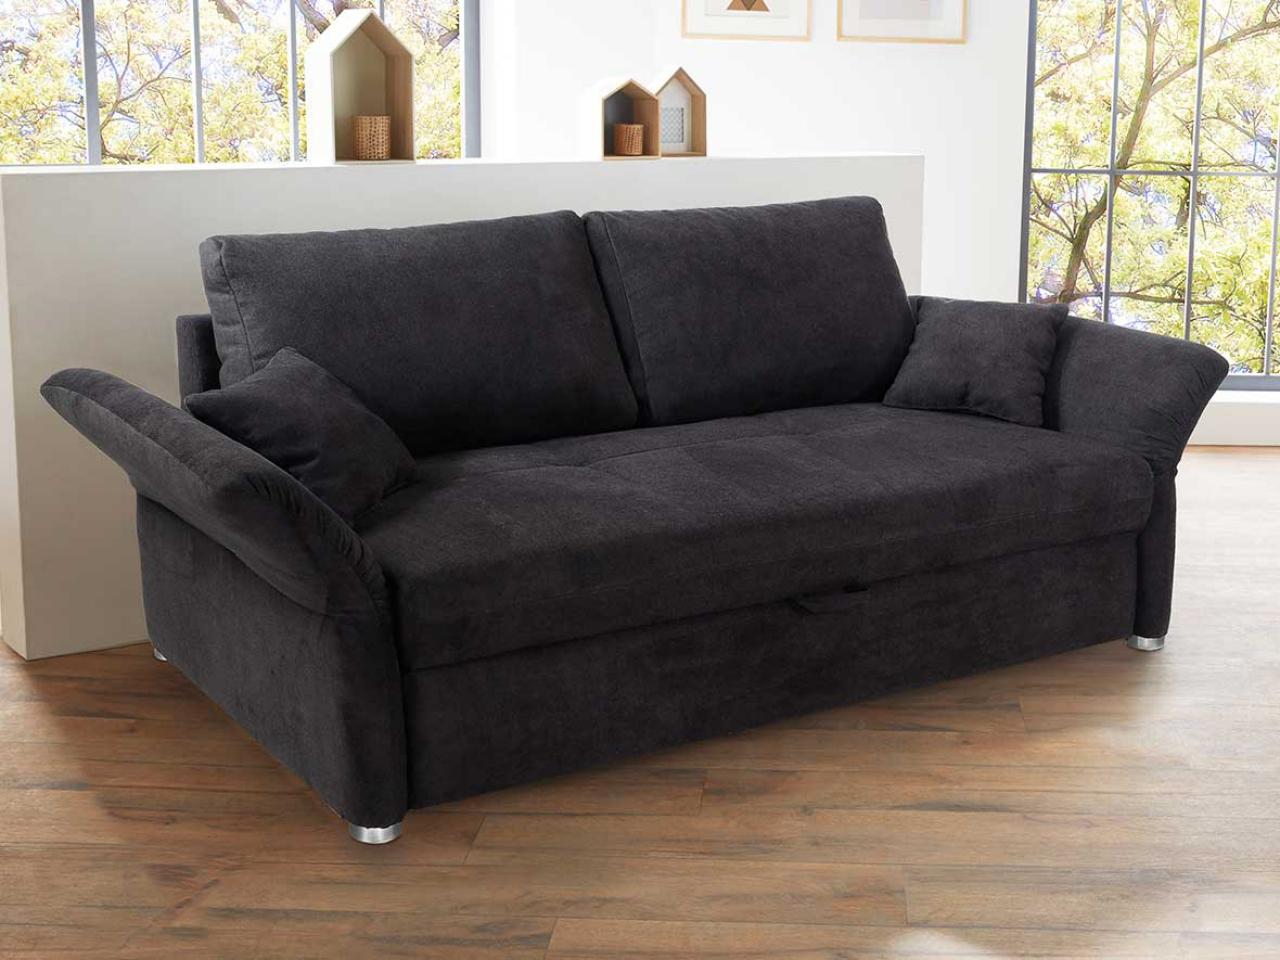 Luca 160 kanapé - Ülőgarnitúrák - Online bútorbolt, bútor rendelés ...